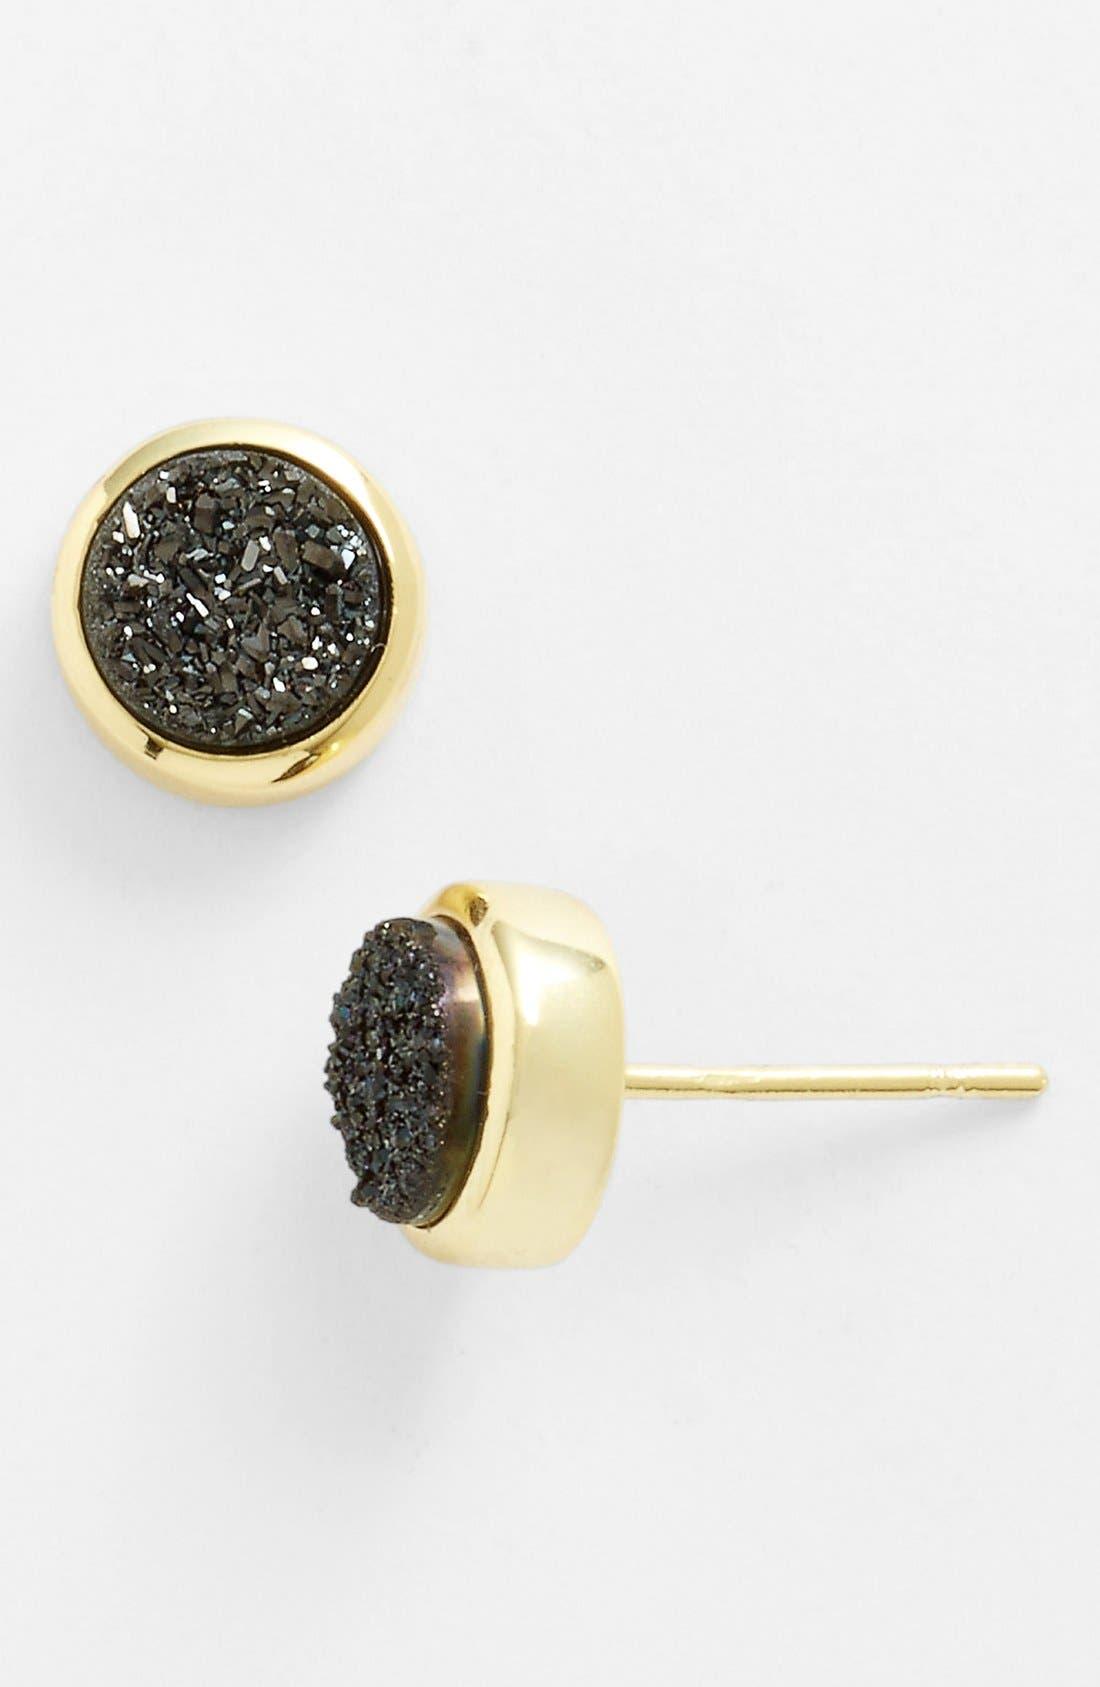 Alternate Image 1 Selected - Marcia Moran 'Drusy Extravaganza' Stud Earrings